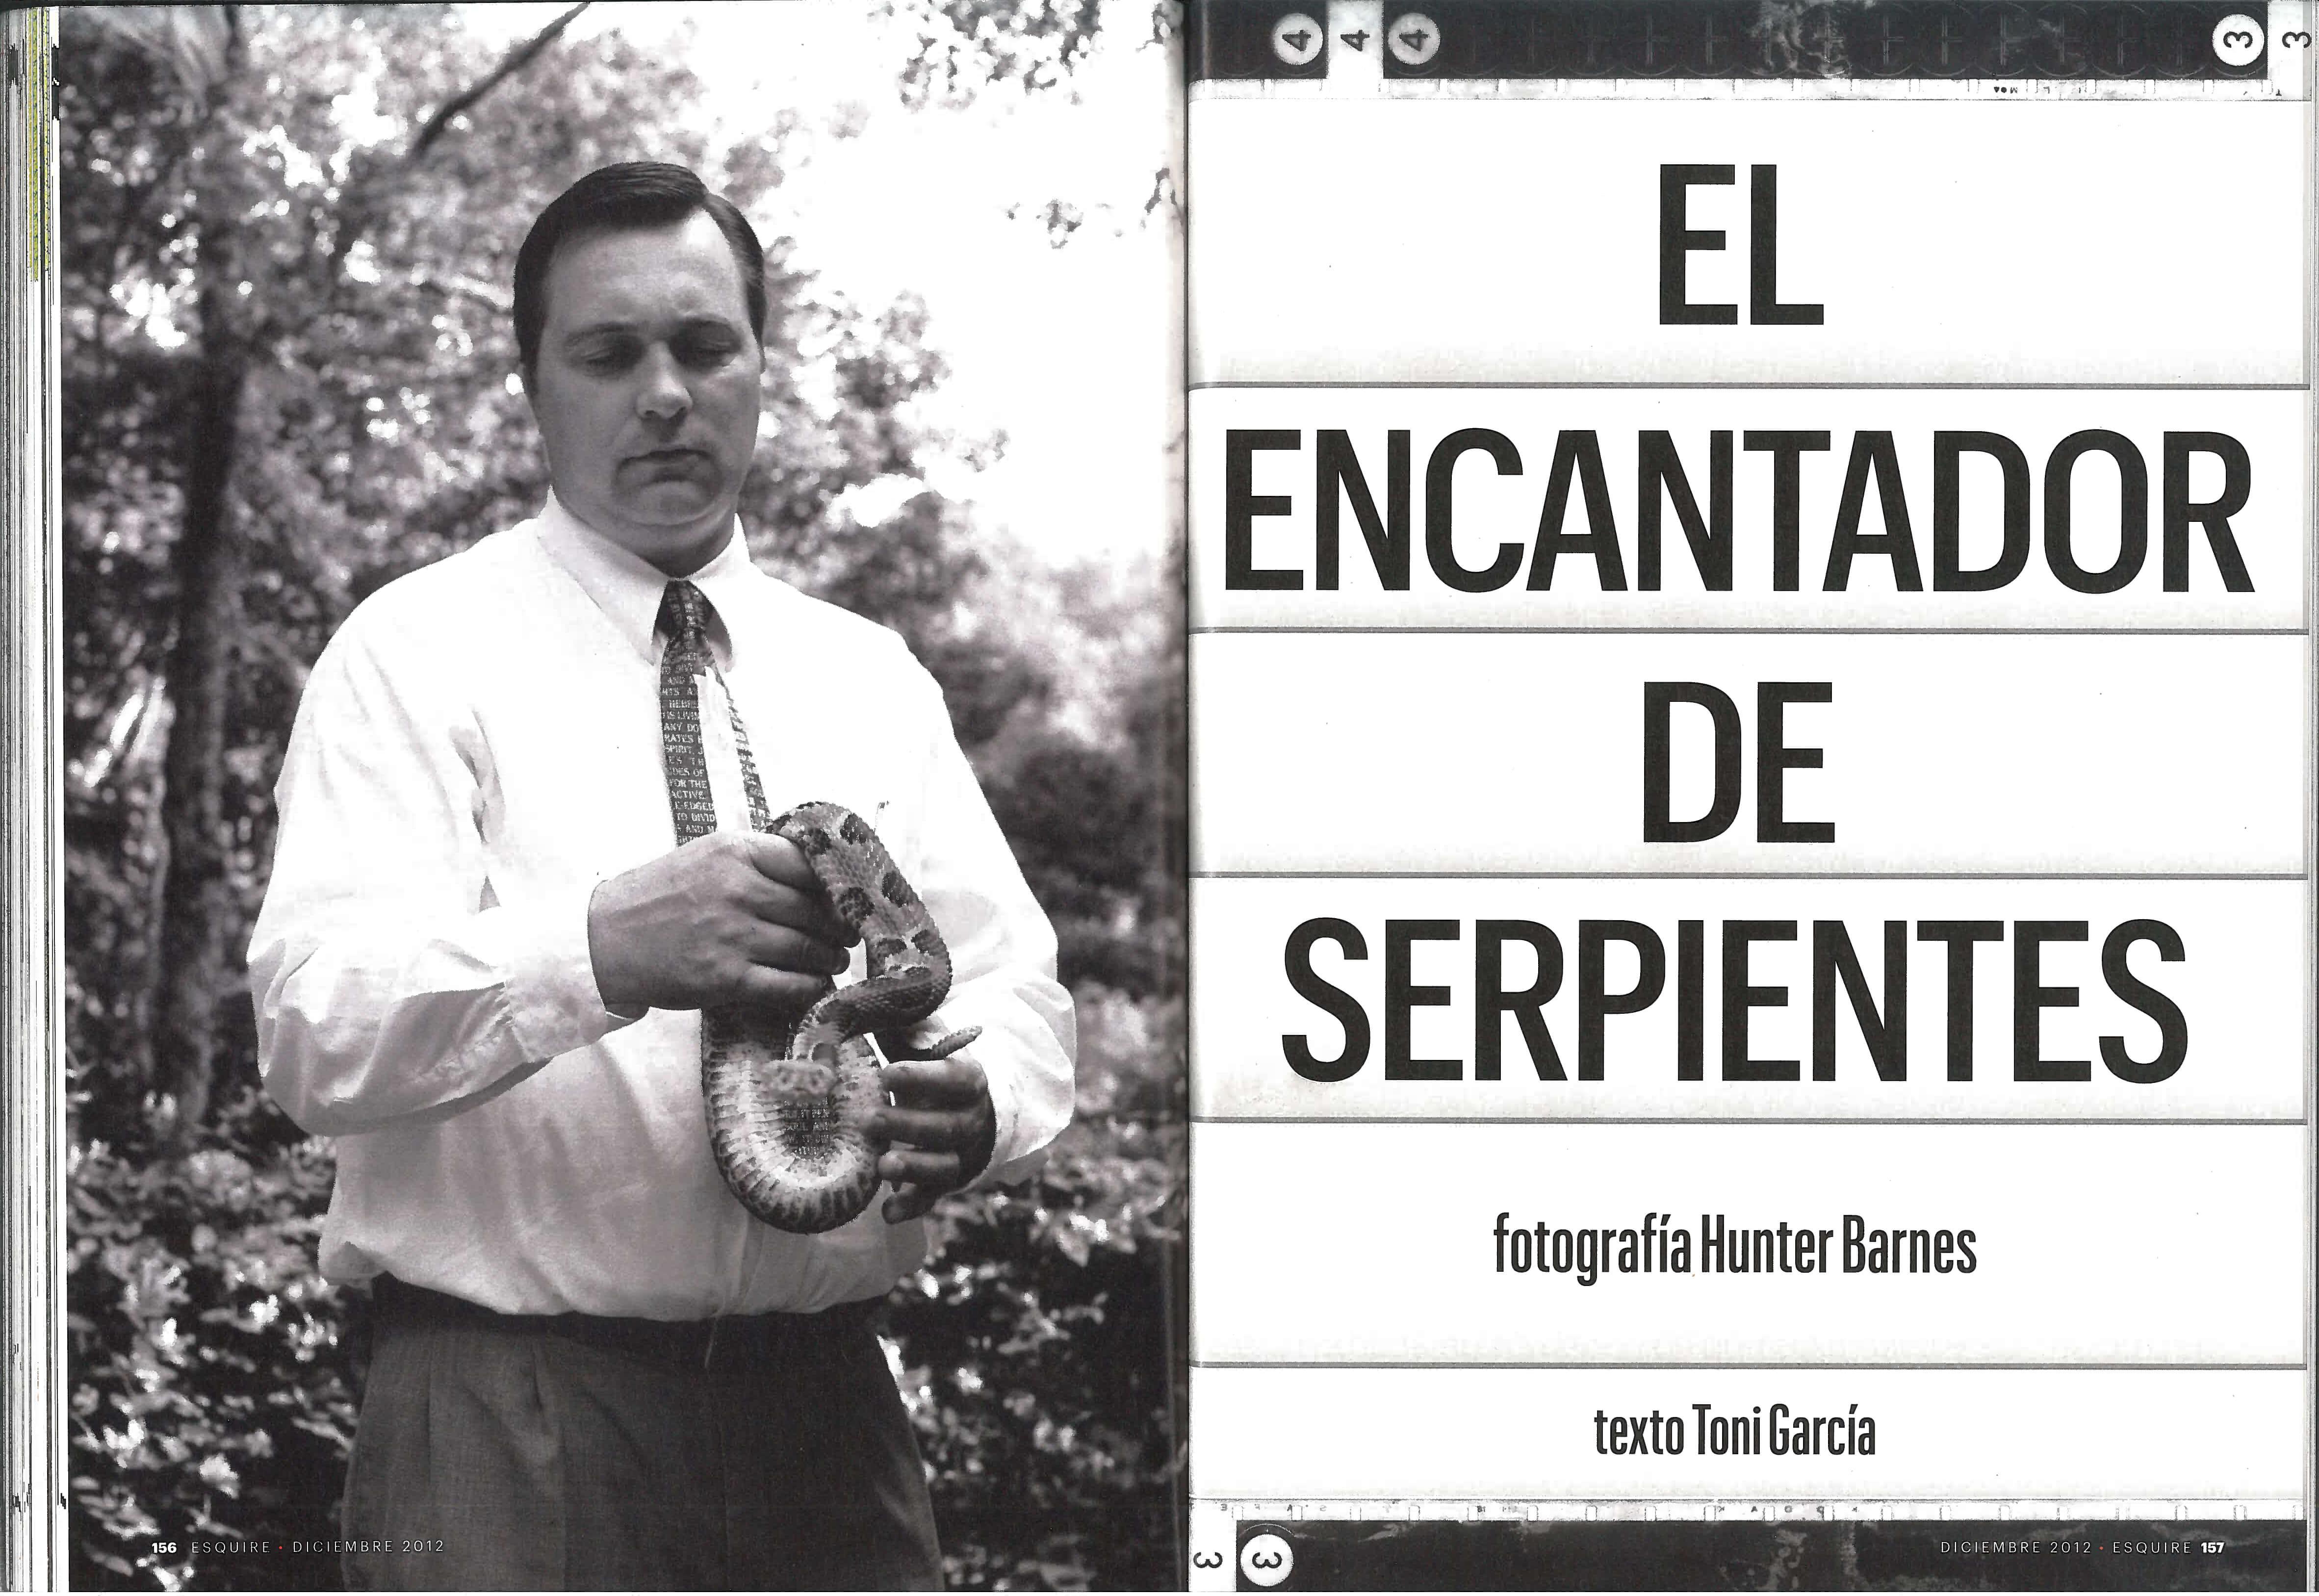 El encantador de serpientes - Esquire Spain - Page 2